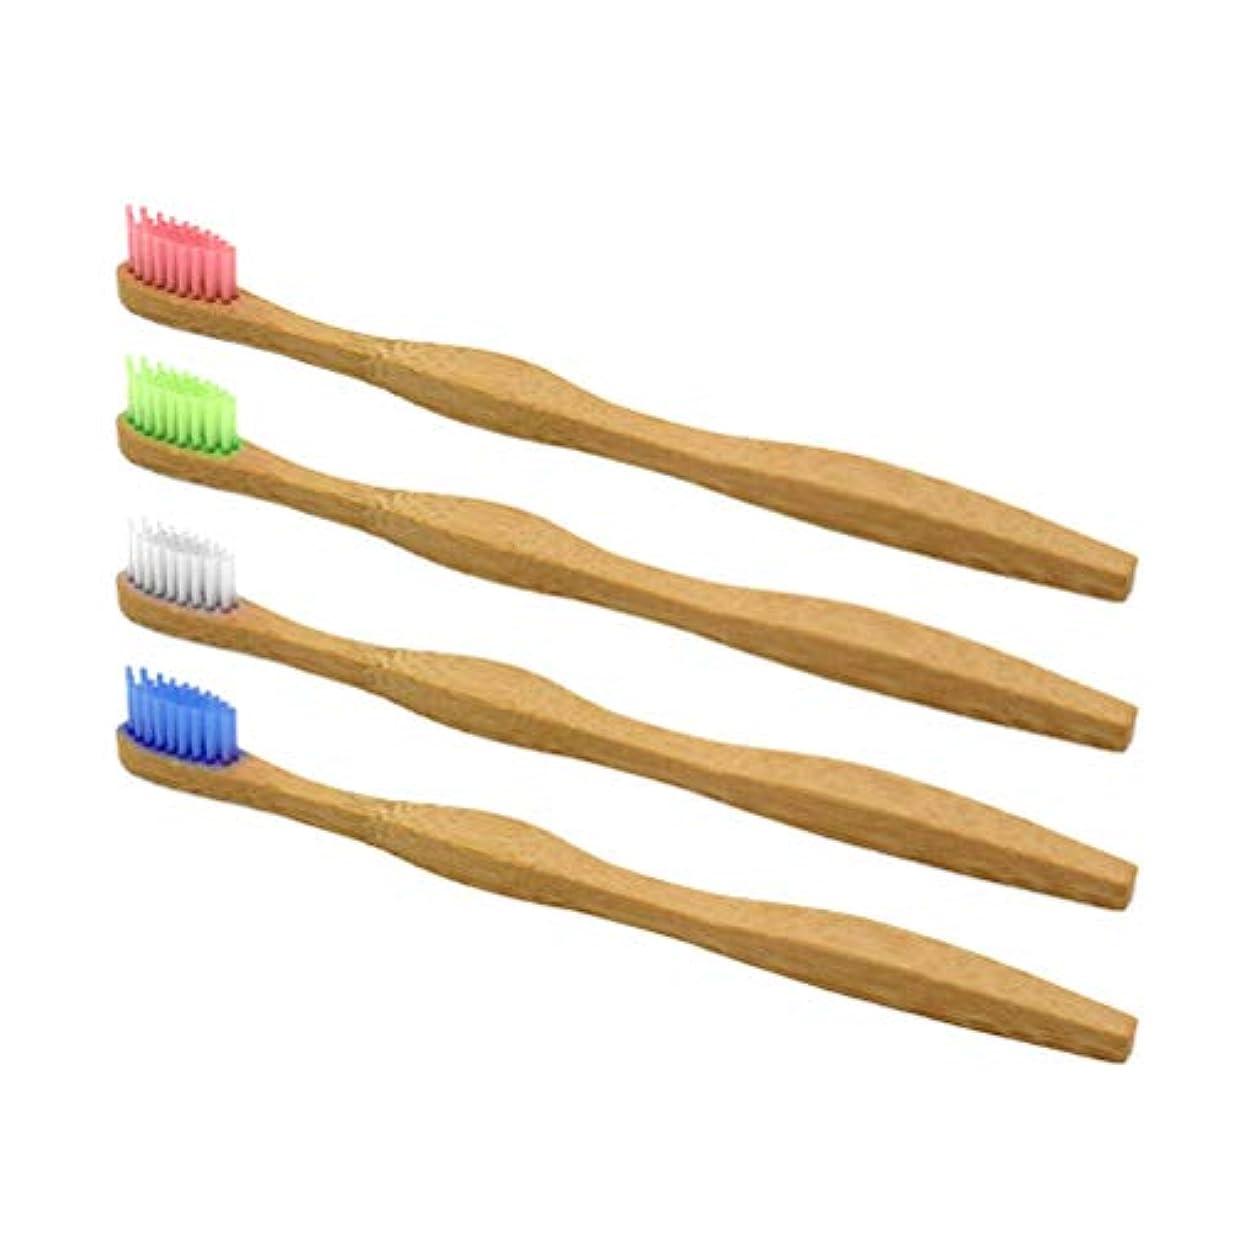 うぬぼれた泣いている自慢Healifty 家庭用およびトラベル用4本(白、青、ピンク、緑)用歯ブラシ竹製歯ブラシ